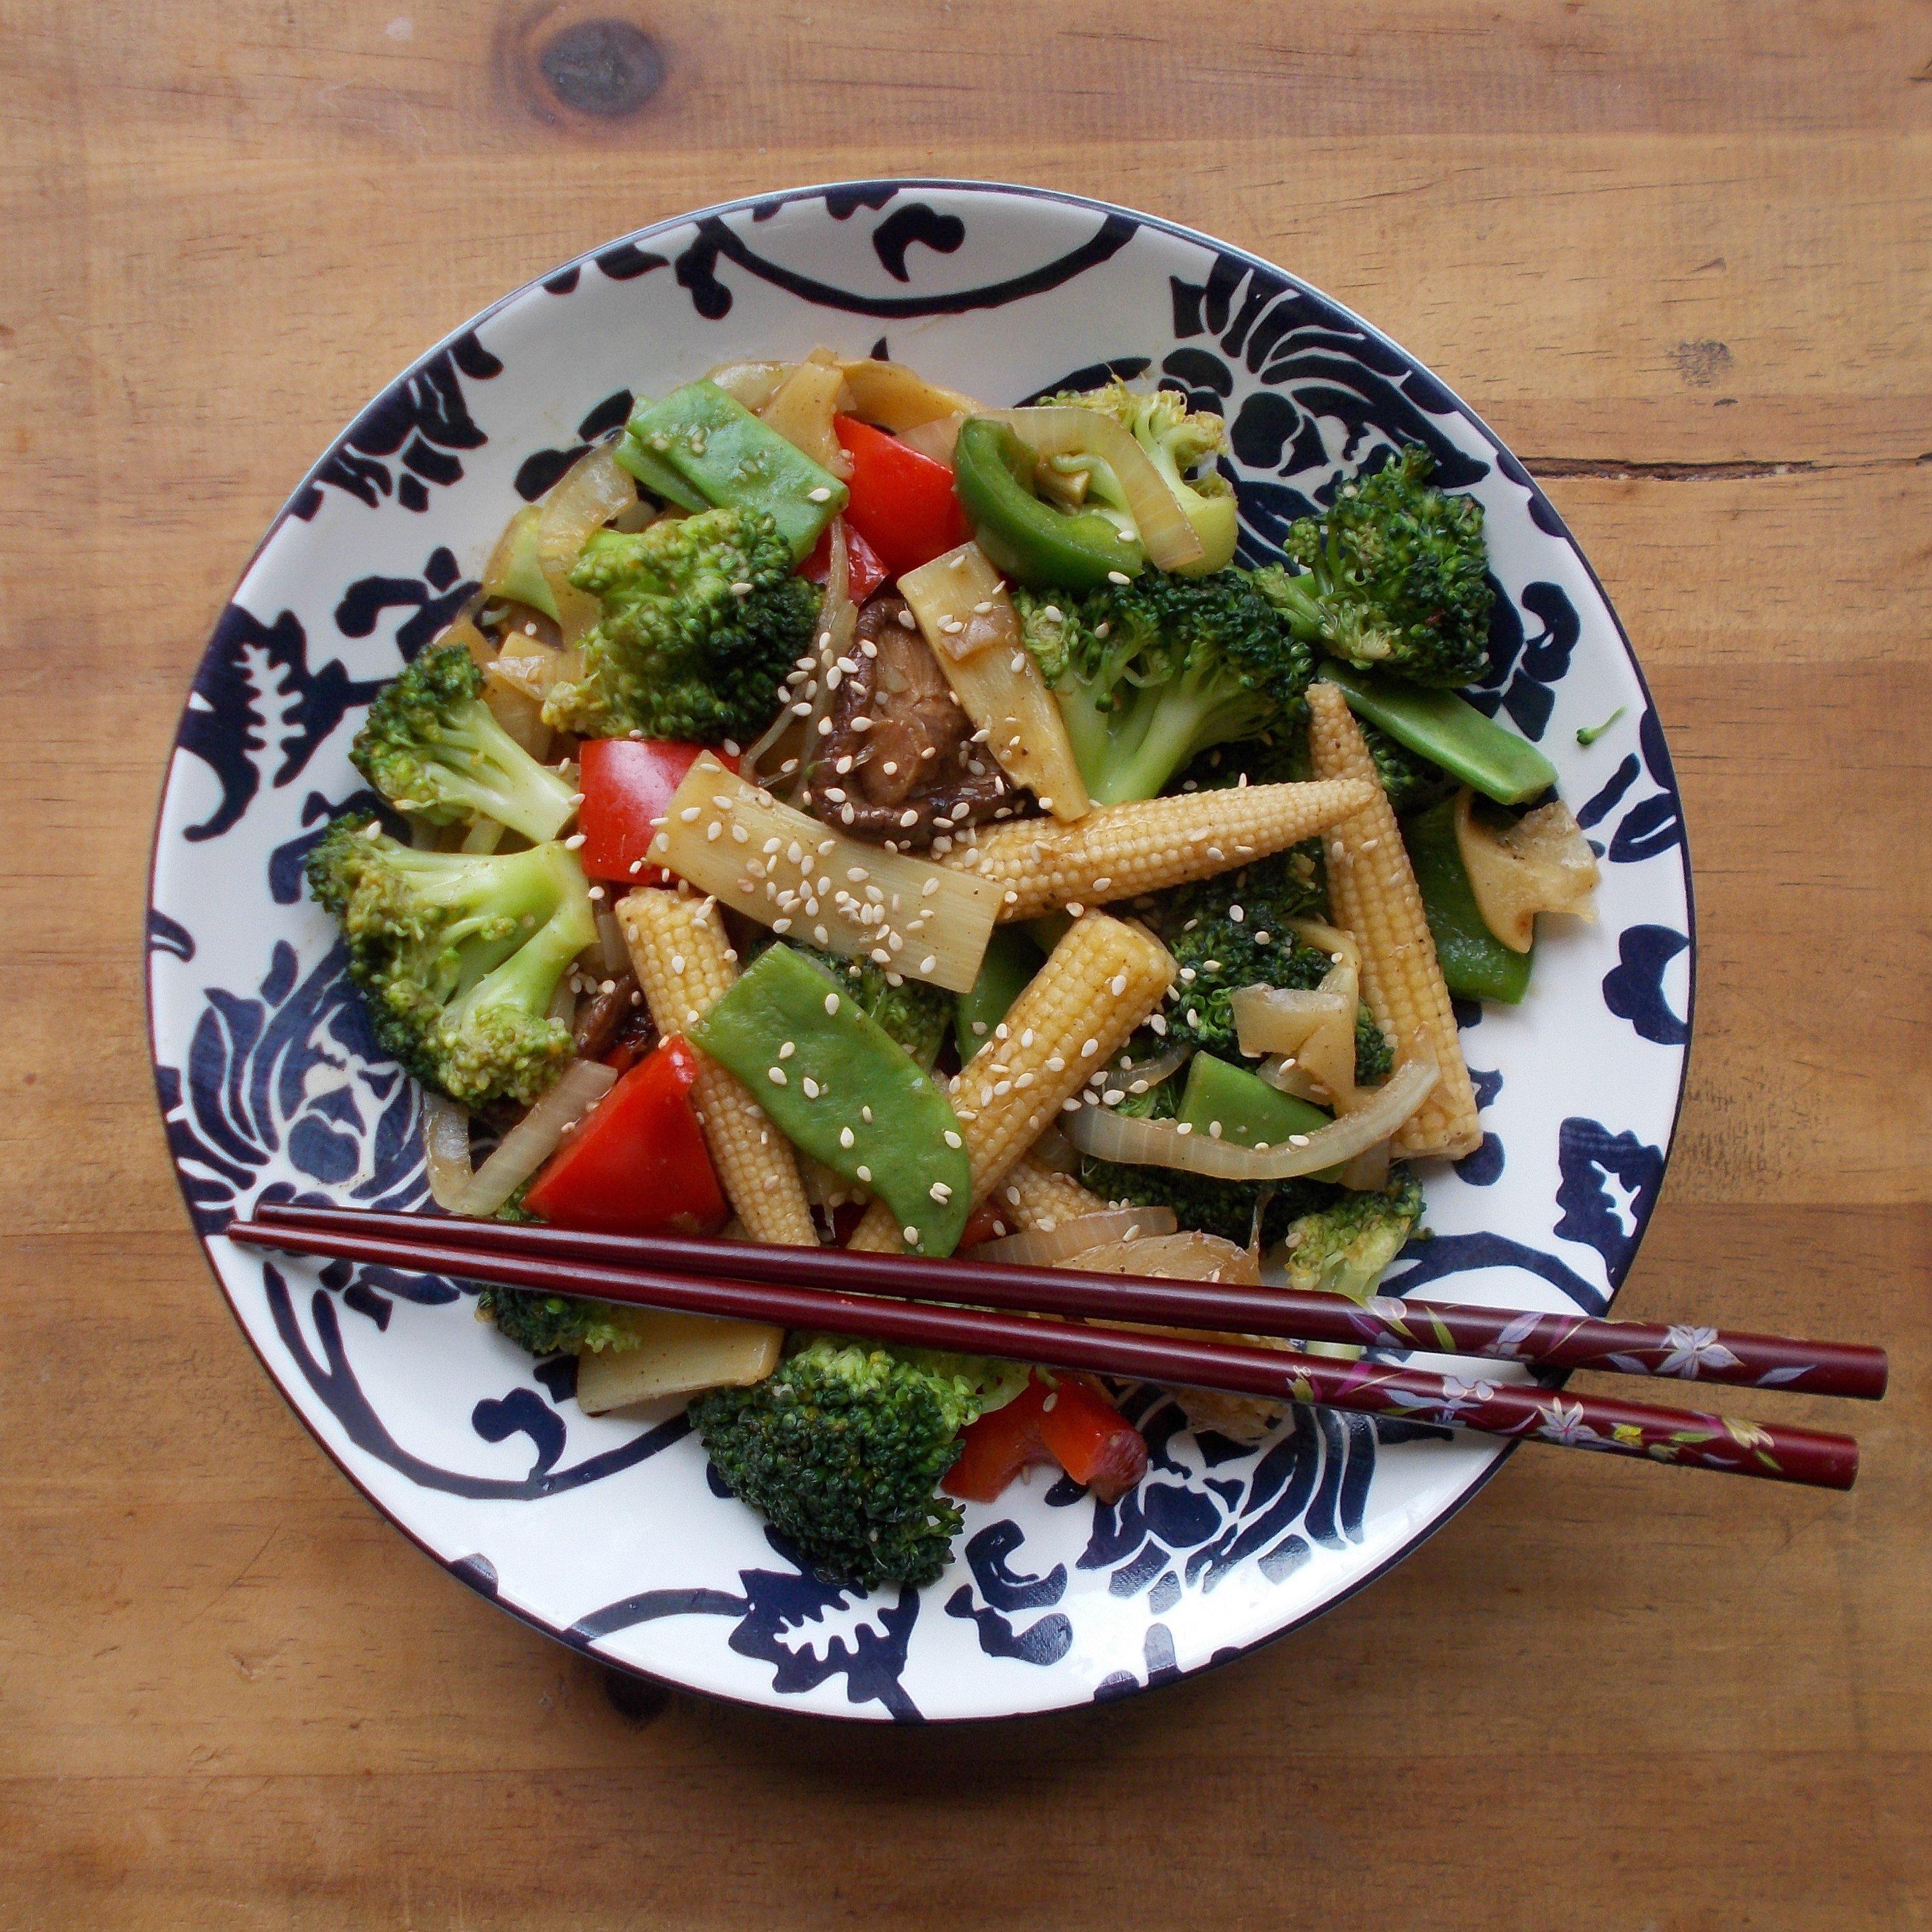 Poêlée asiatique : légumes sautés au wok